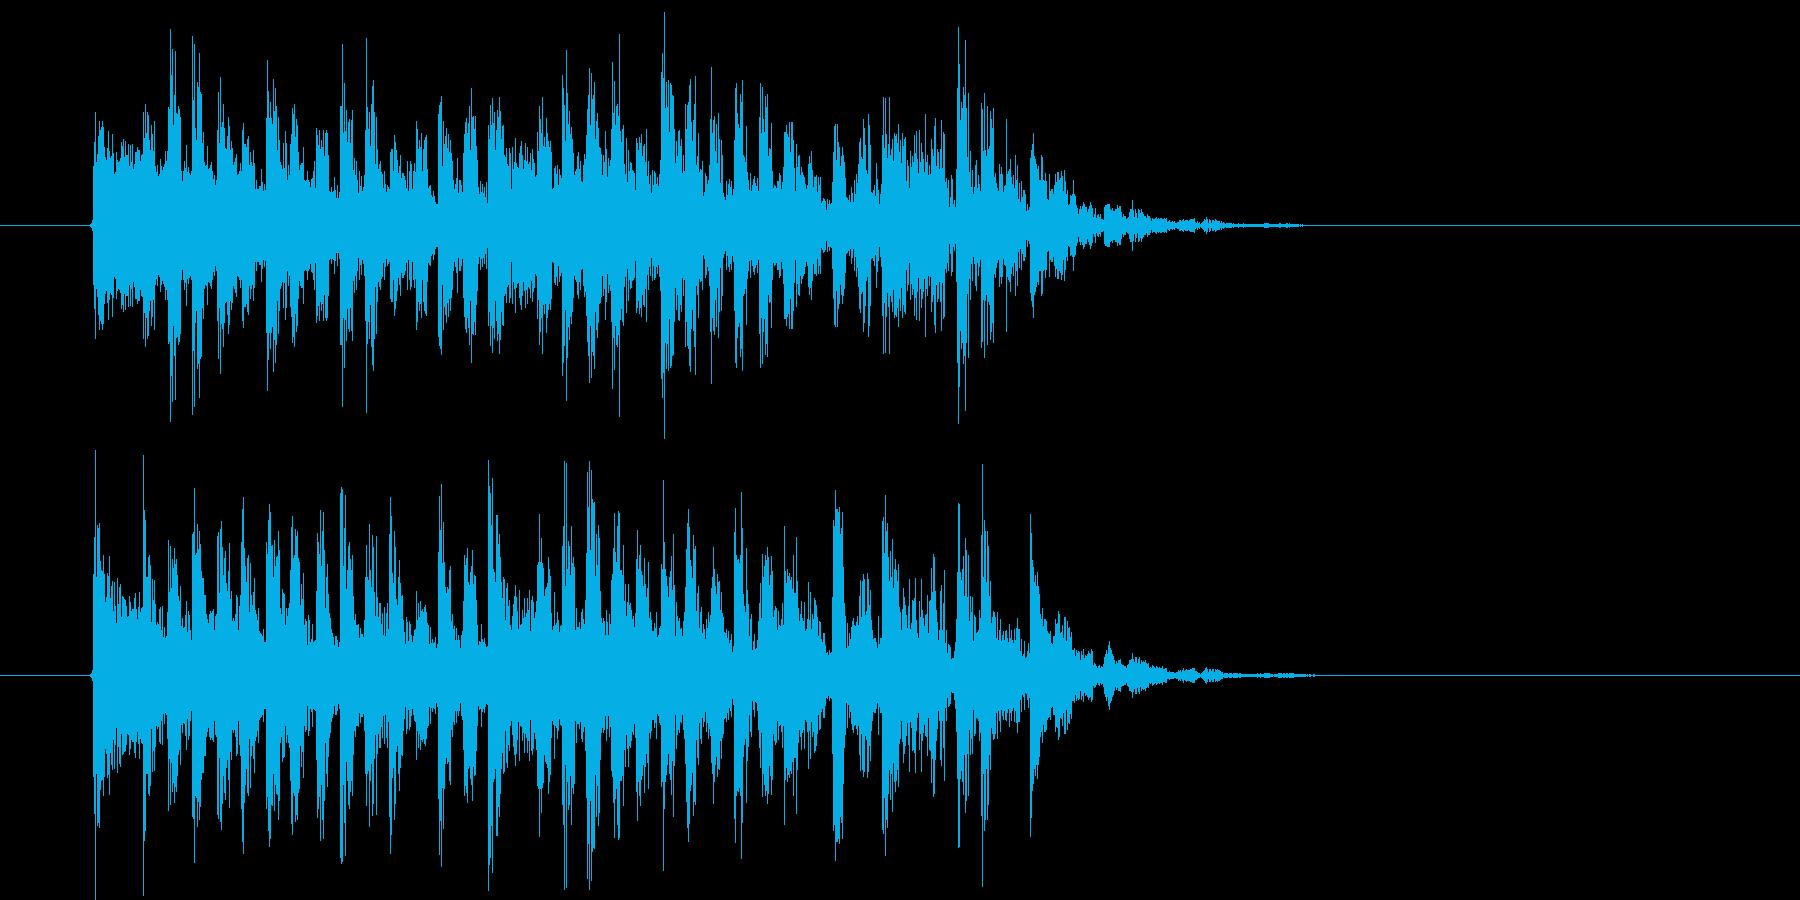 悠長でリズミカルなシンセポップジングルの再生済みの波形